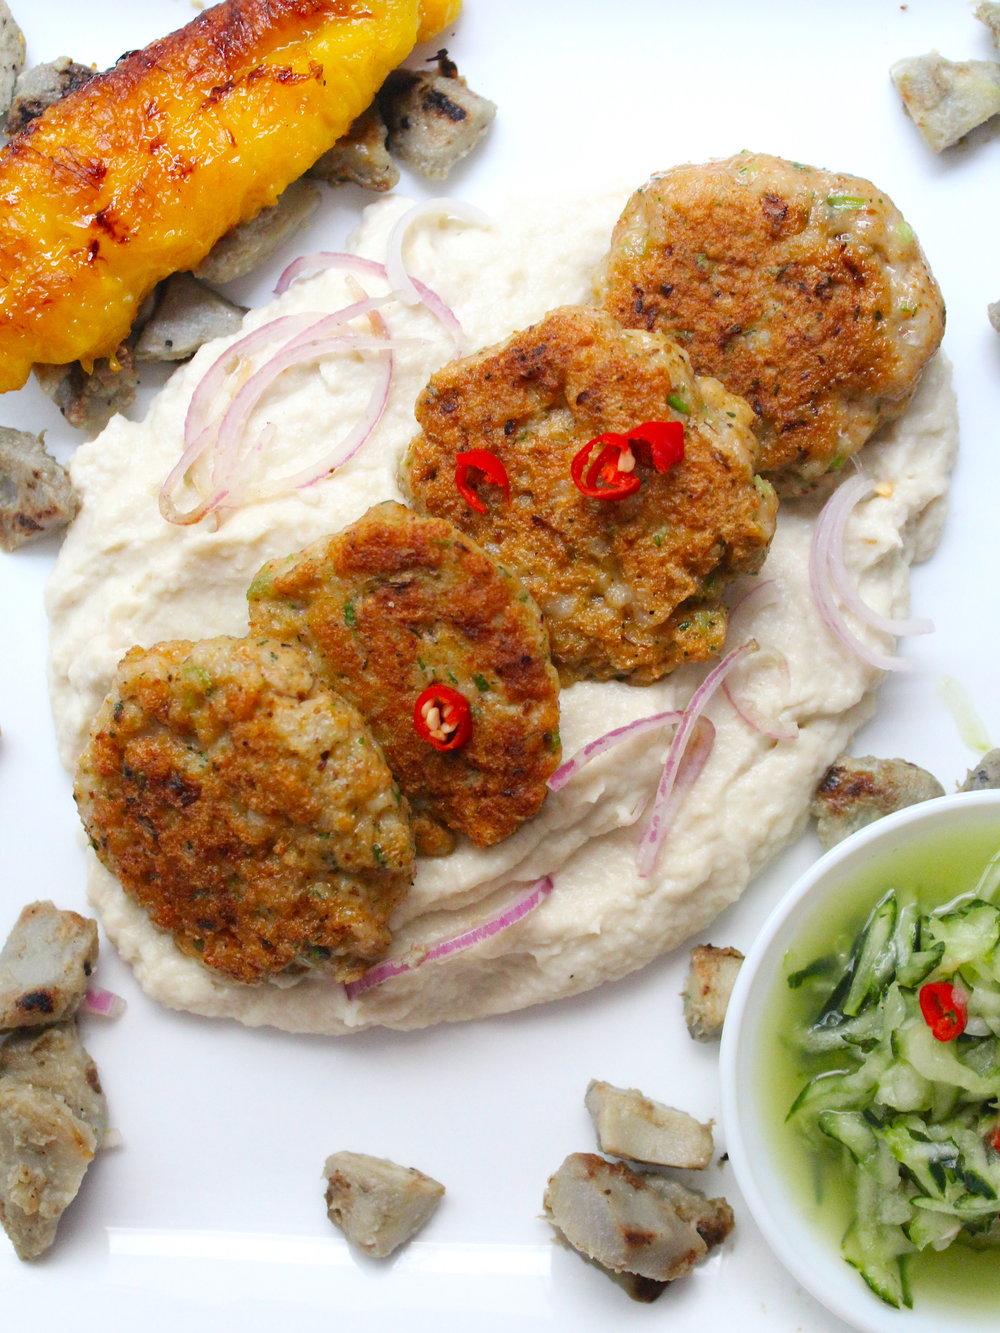 Croquetas de pescado verde y rosa, alcachofas, ensaladade pepino con ají del huerto, falso puré de papa verde y rosa y maduro horneado.